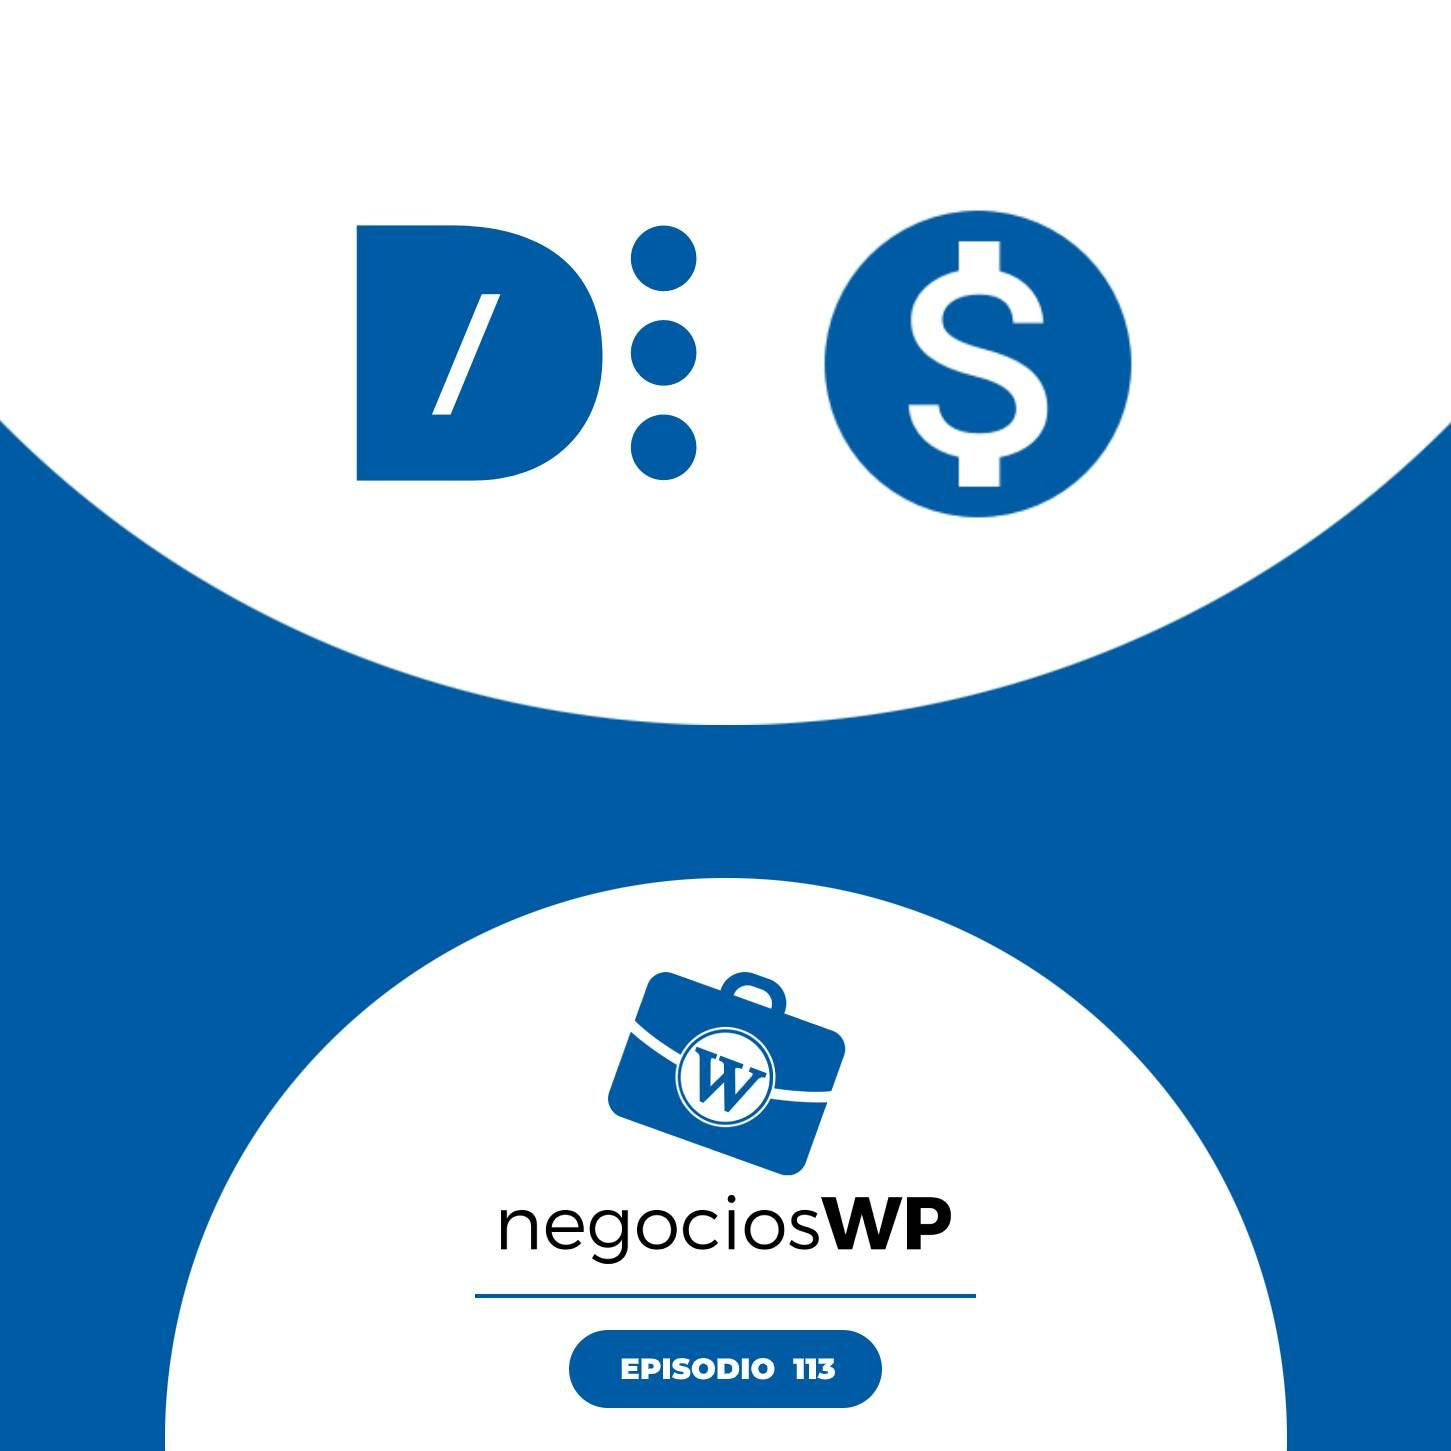 Negocios y WordPress